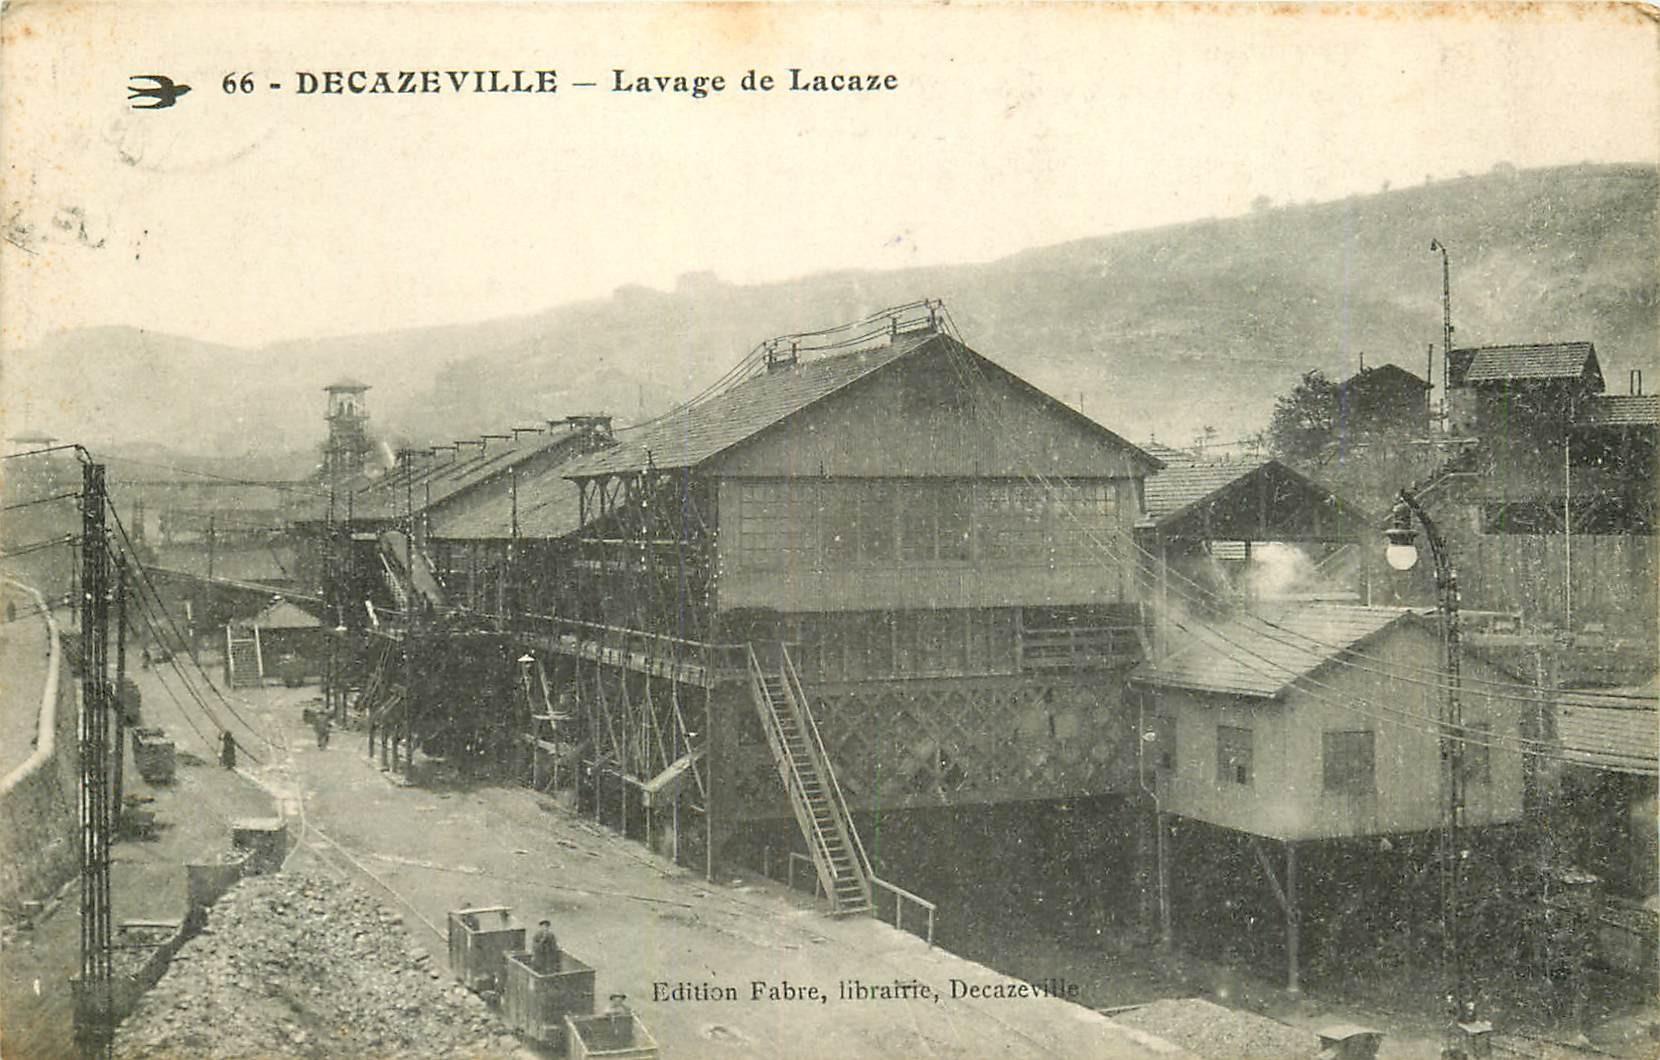 12 DECAZEVILLE. Lavage de Lacaze Mines de charbon